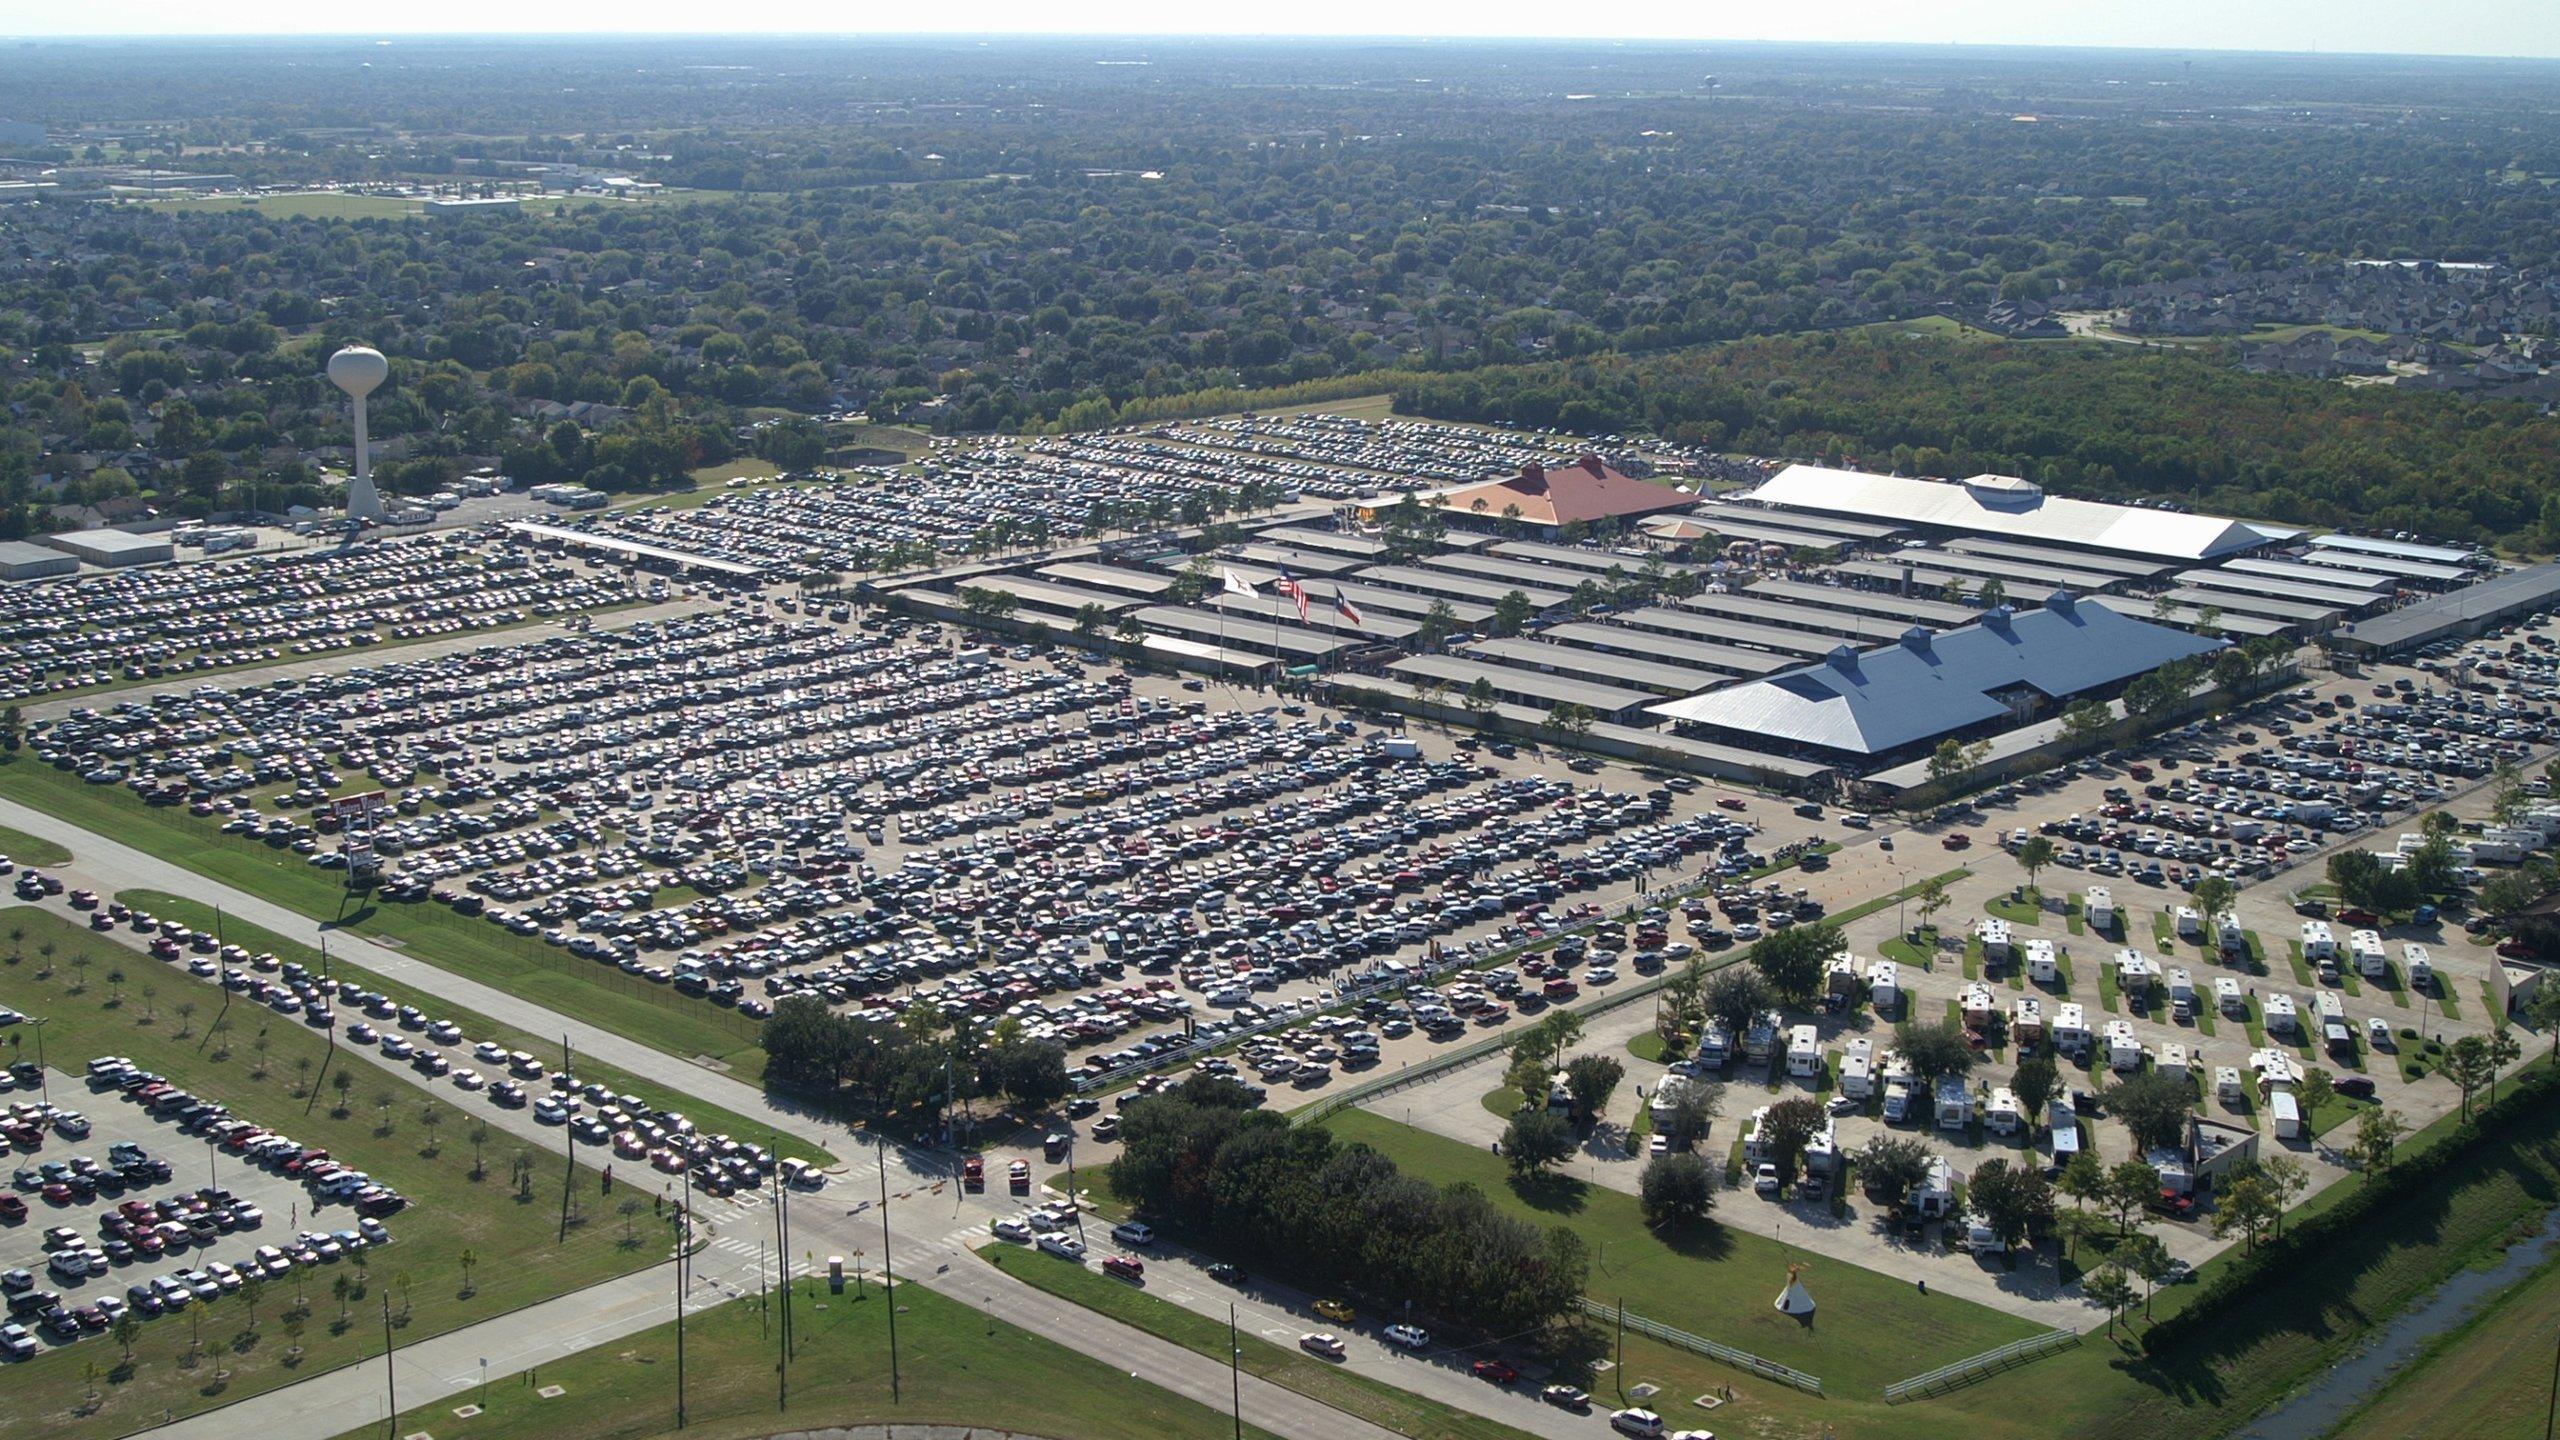 Northwest Houston, Texas, United States of America